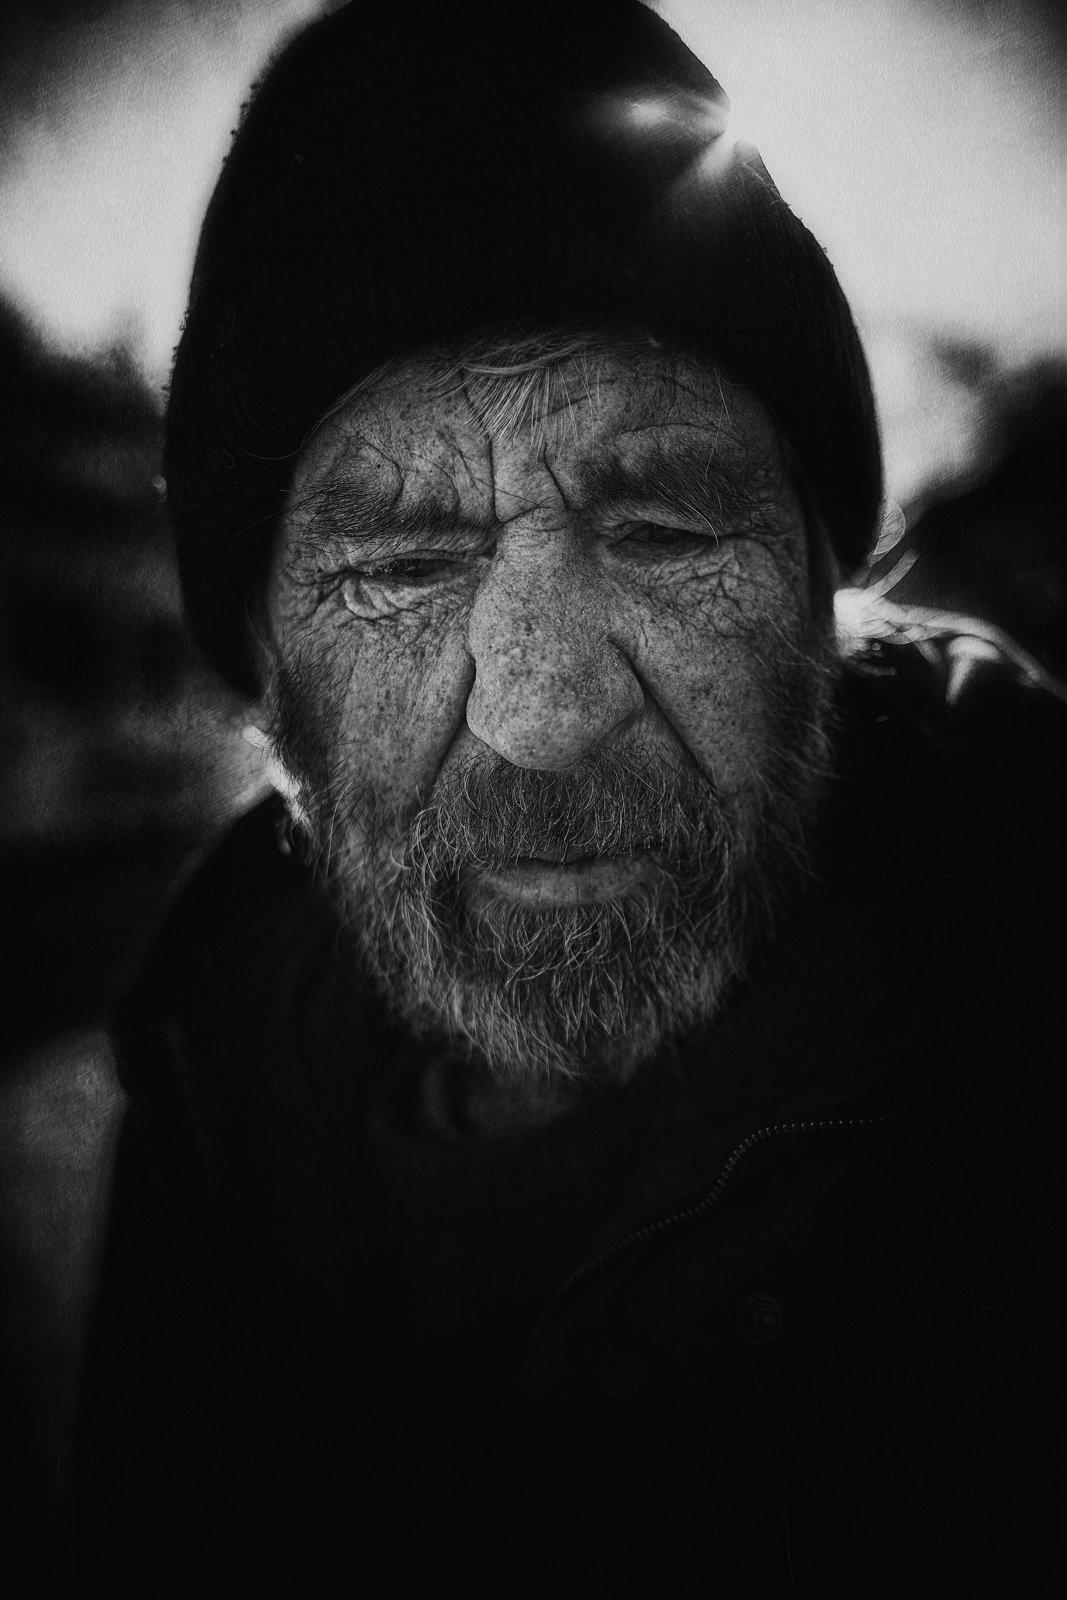 портрет,жанровая фотография,черно-белое,, Воронин Андрей